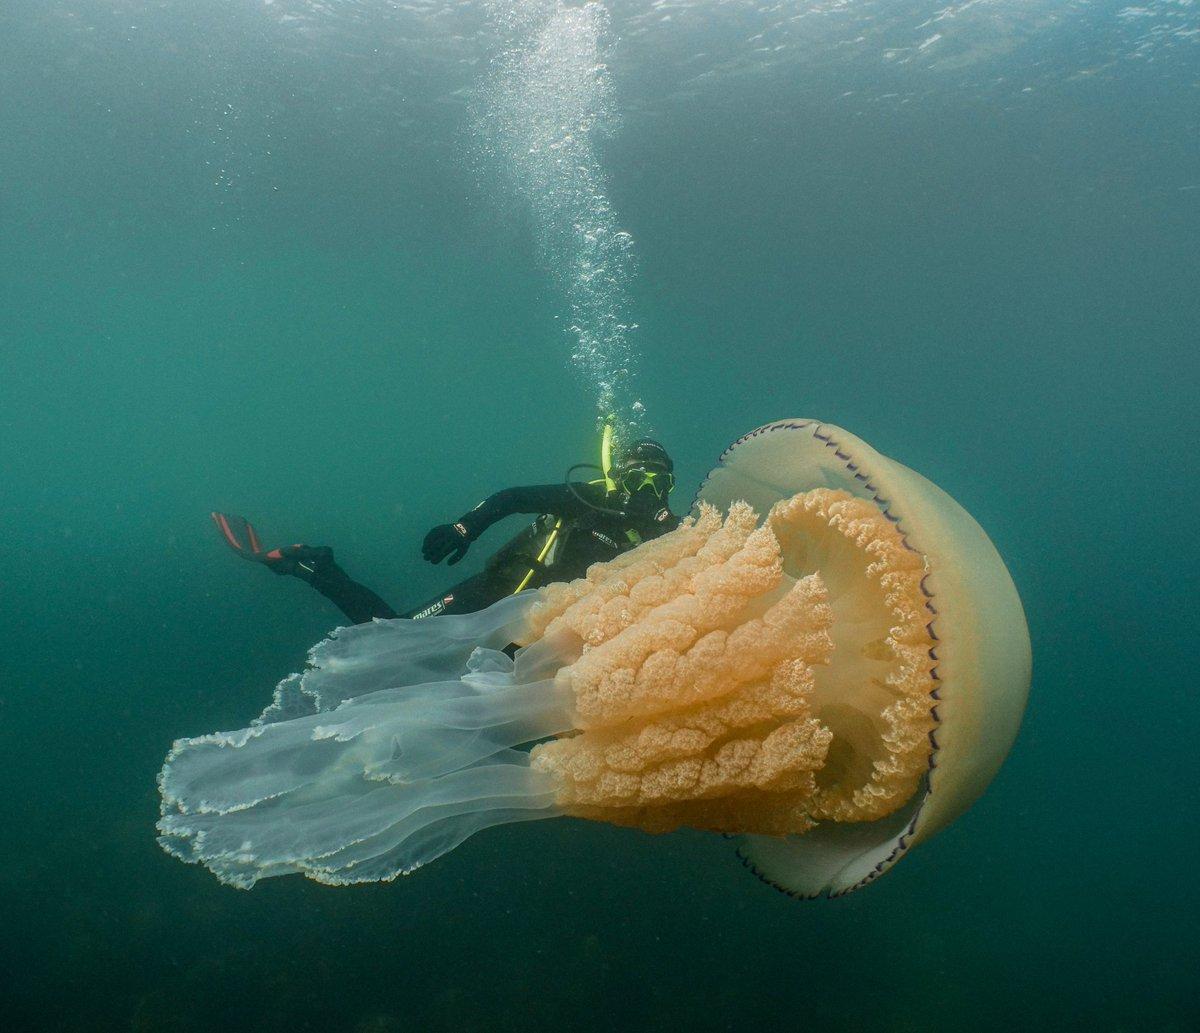 В Великобритании нашли медузу крупнее человека